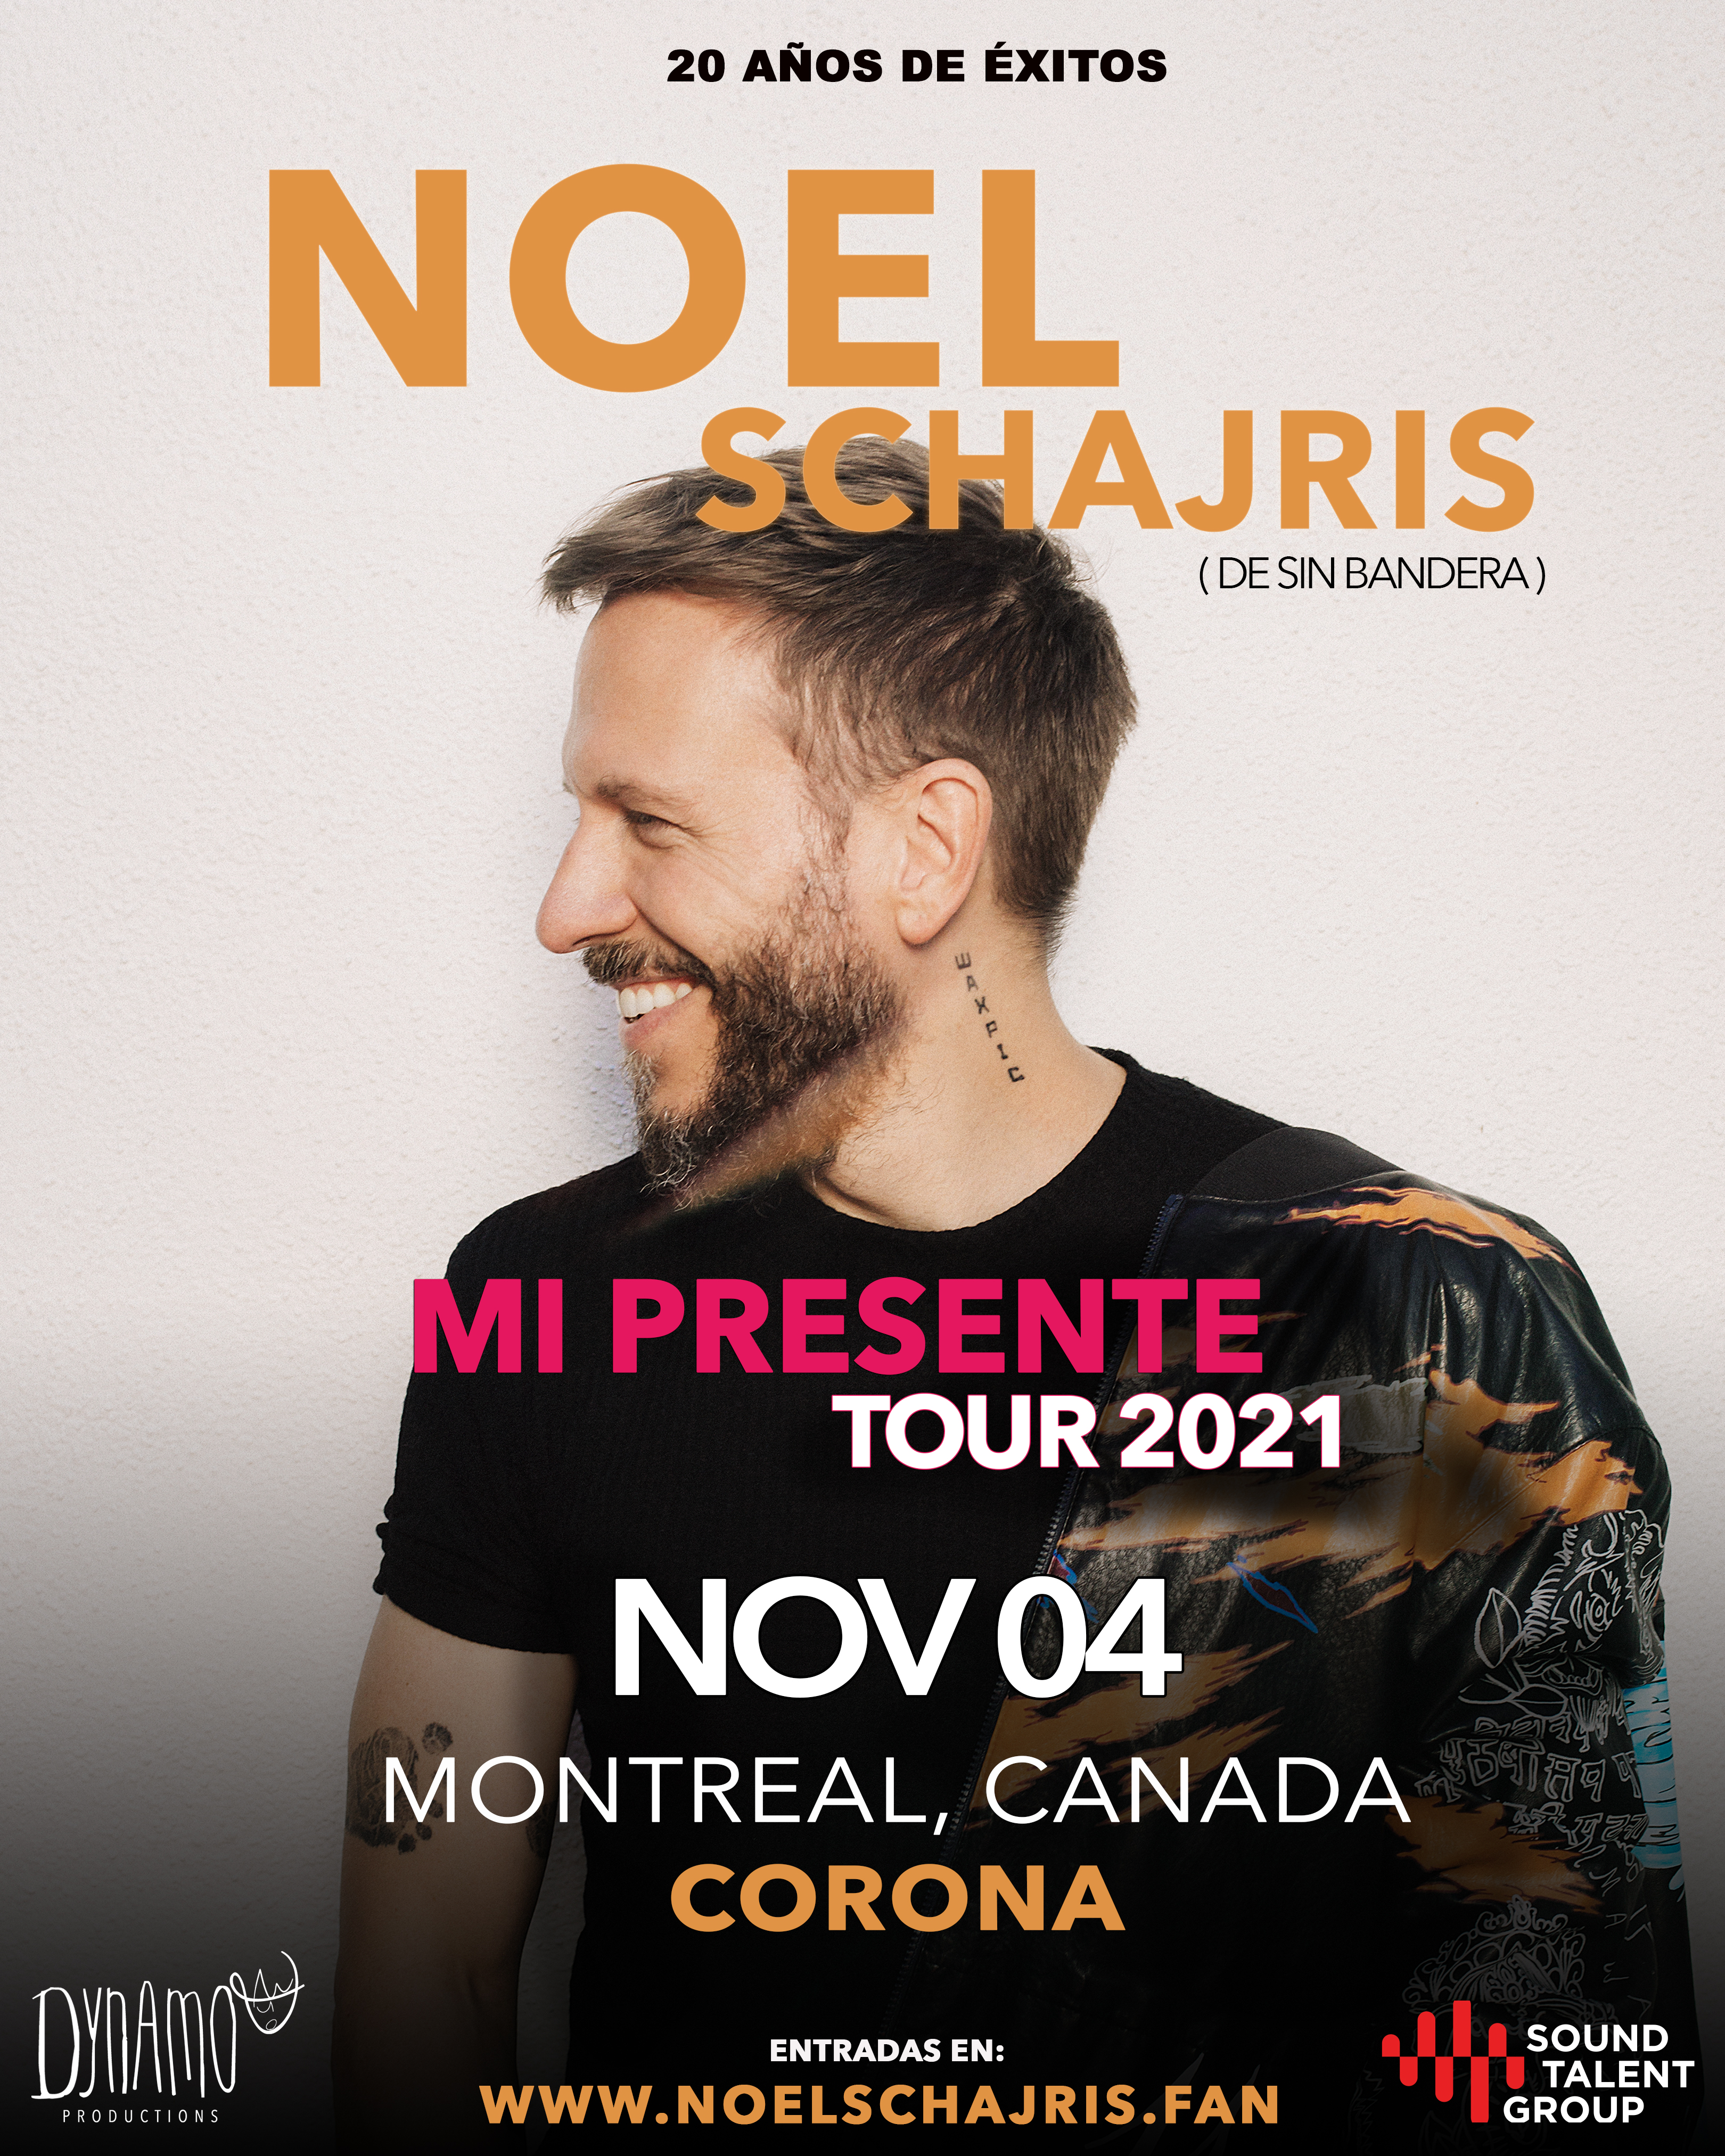 CONVIVENCIA VIP GIRA MUNDIAL MI PRESENTE 2021 (MONTREAL, CANADA)